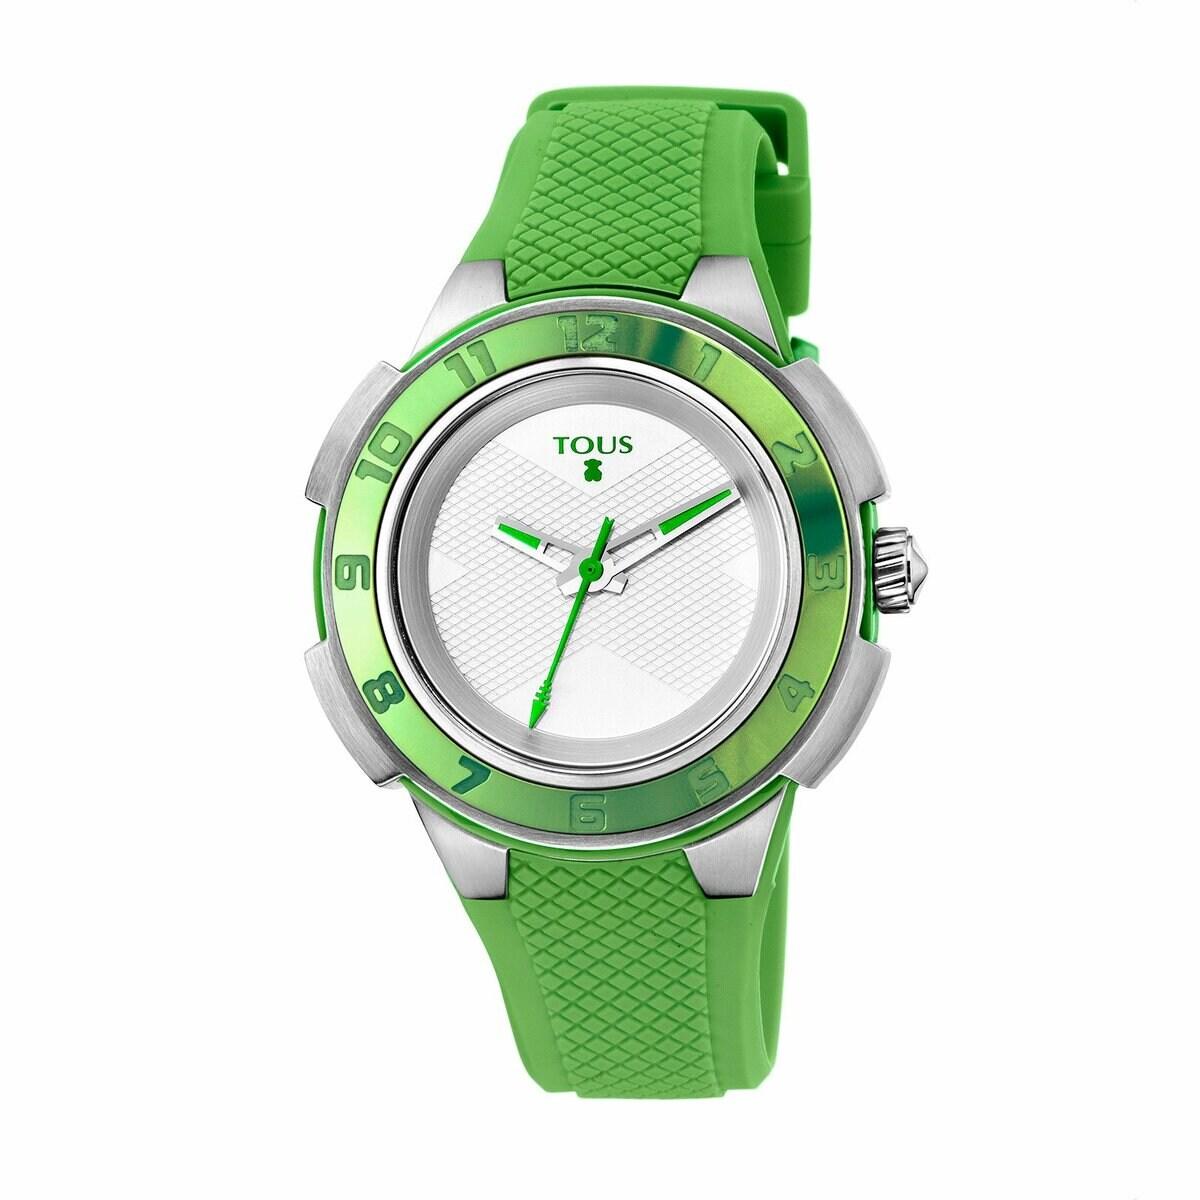 Reloj Xtous Colors bicolor de acero/aluminio anodizado verde con correa de silicona verde